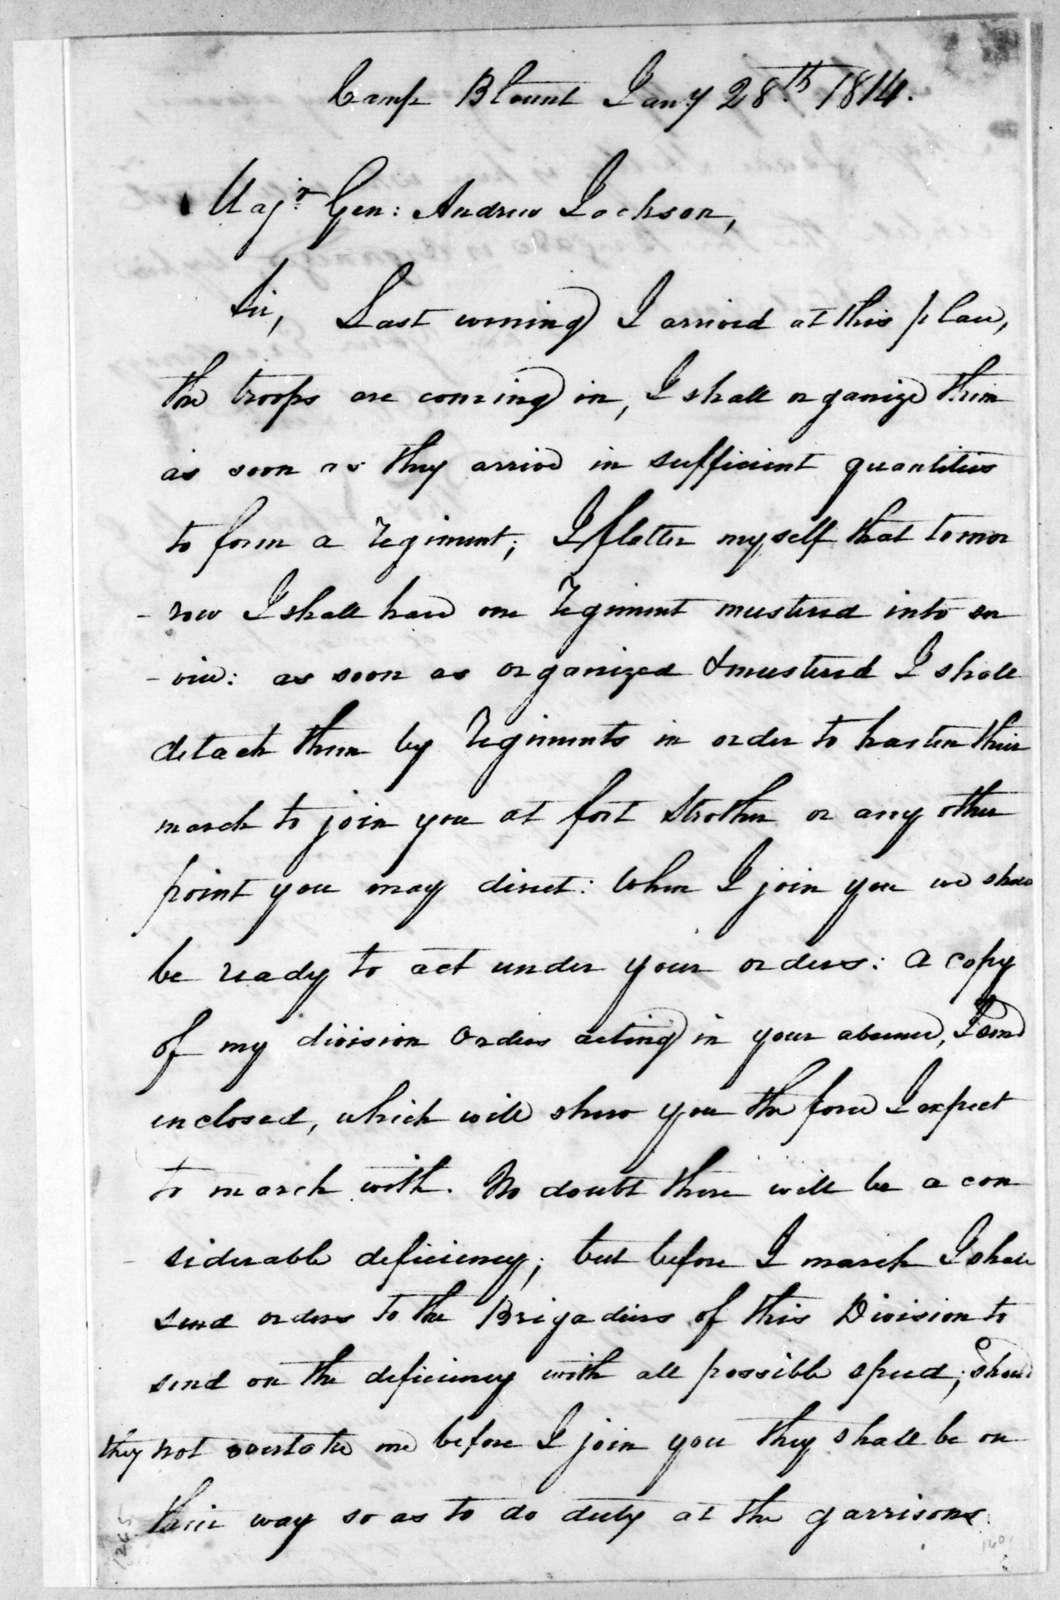 Thomas Johnson to Andrew Jackson, January 28, 1814